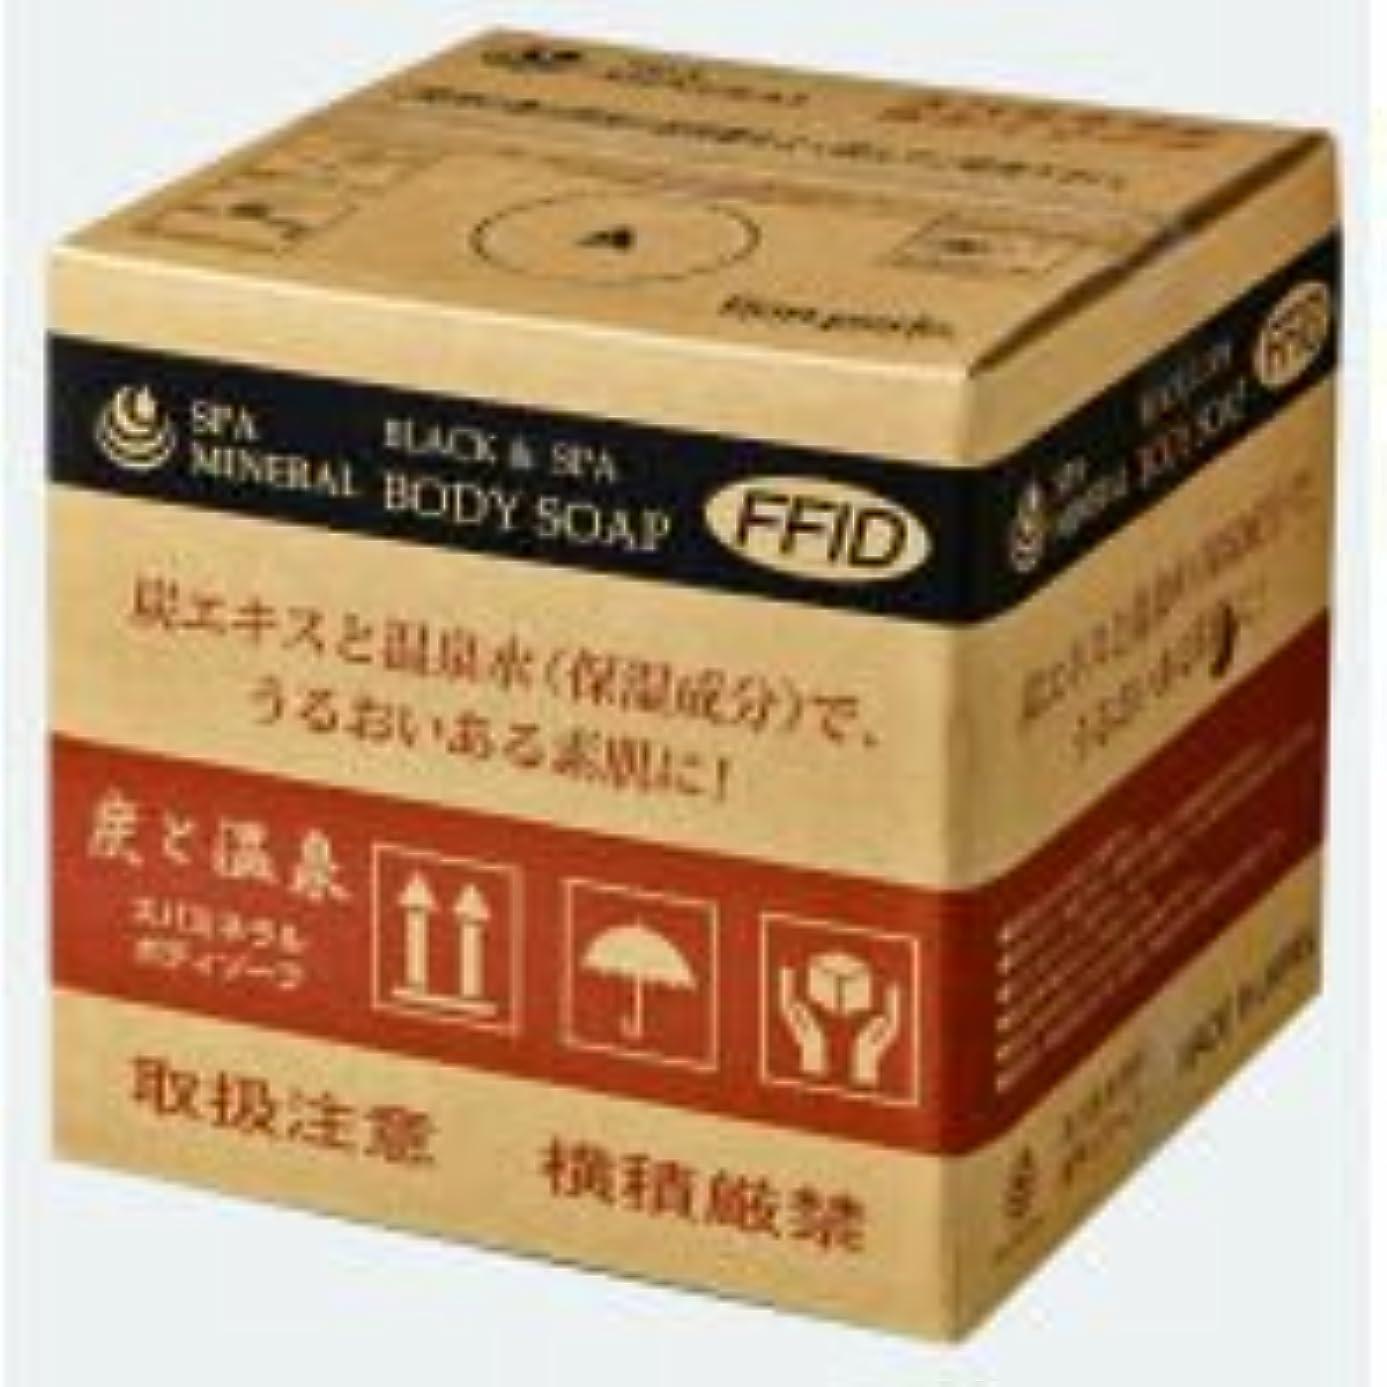 最大の民族主義指定するスパミネラル 炭ボディソープ 20kg 詰替用